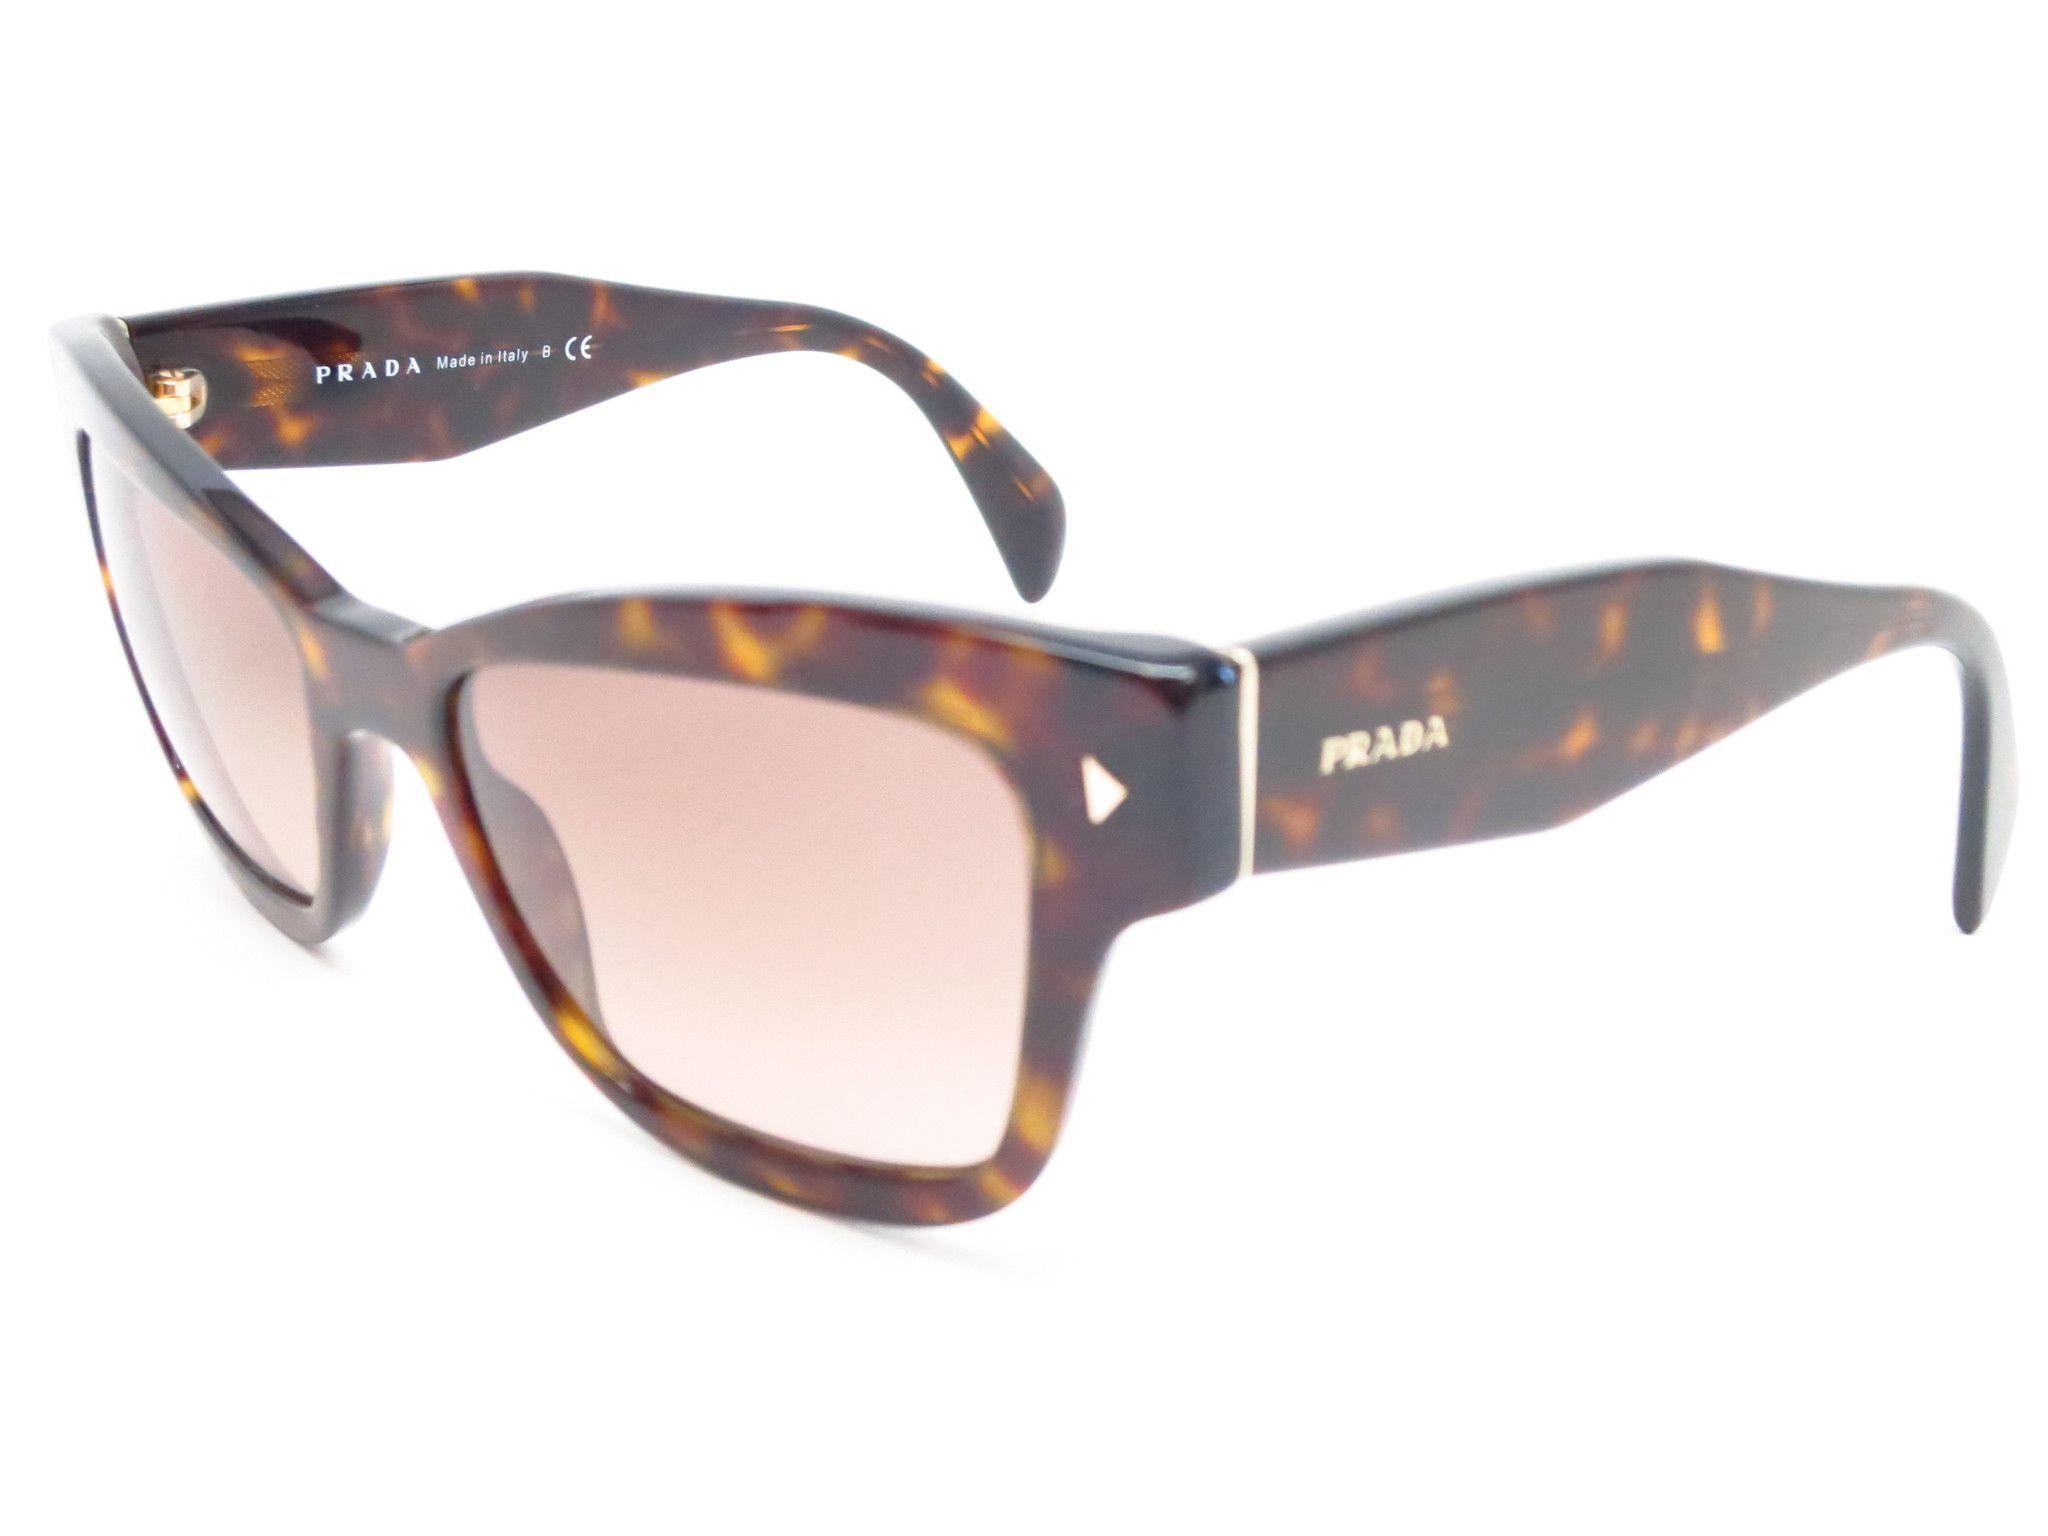 Prada SPR 29R 2AU-3D0 Havana Sunglasses | Prada Linea Rosa ...